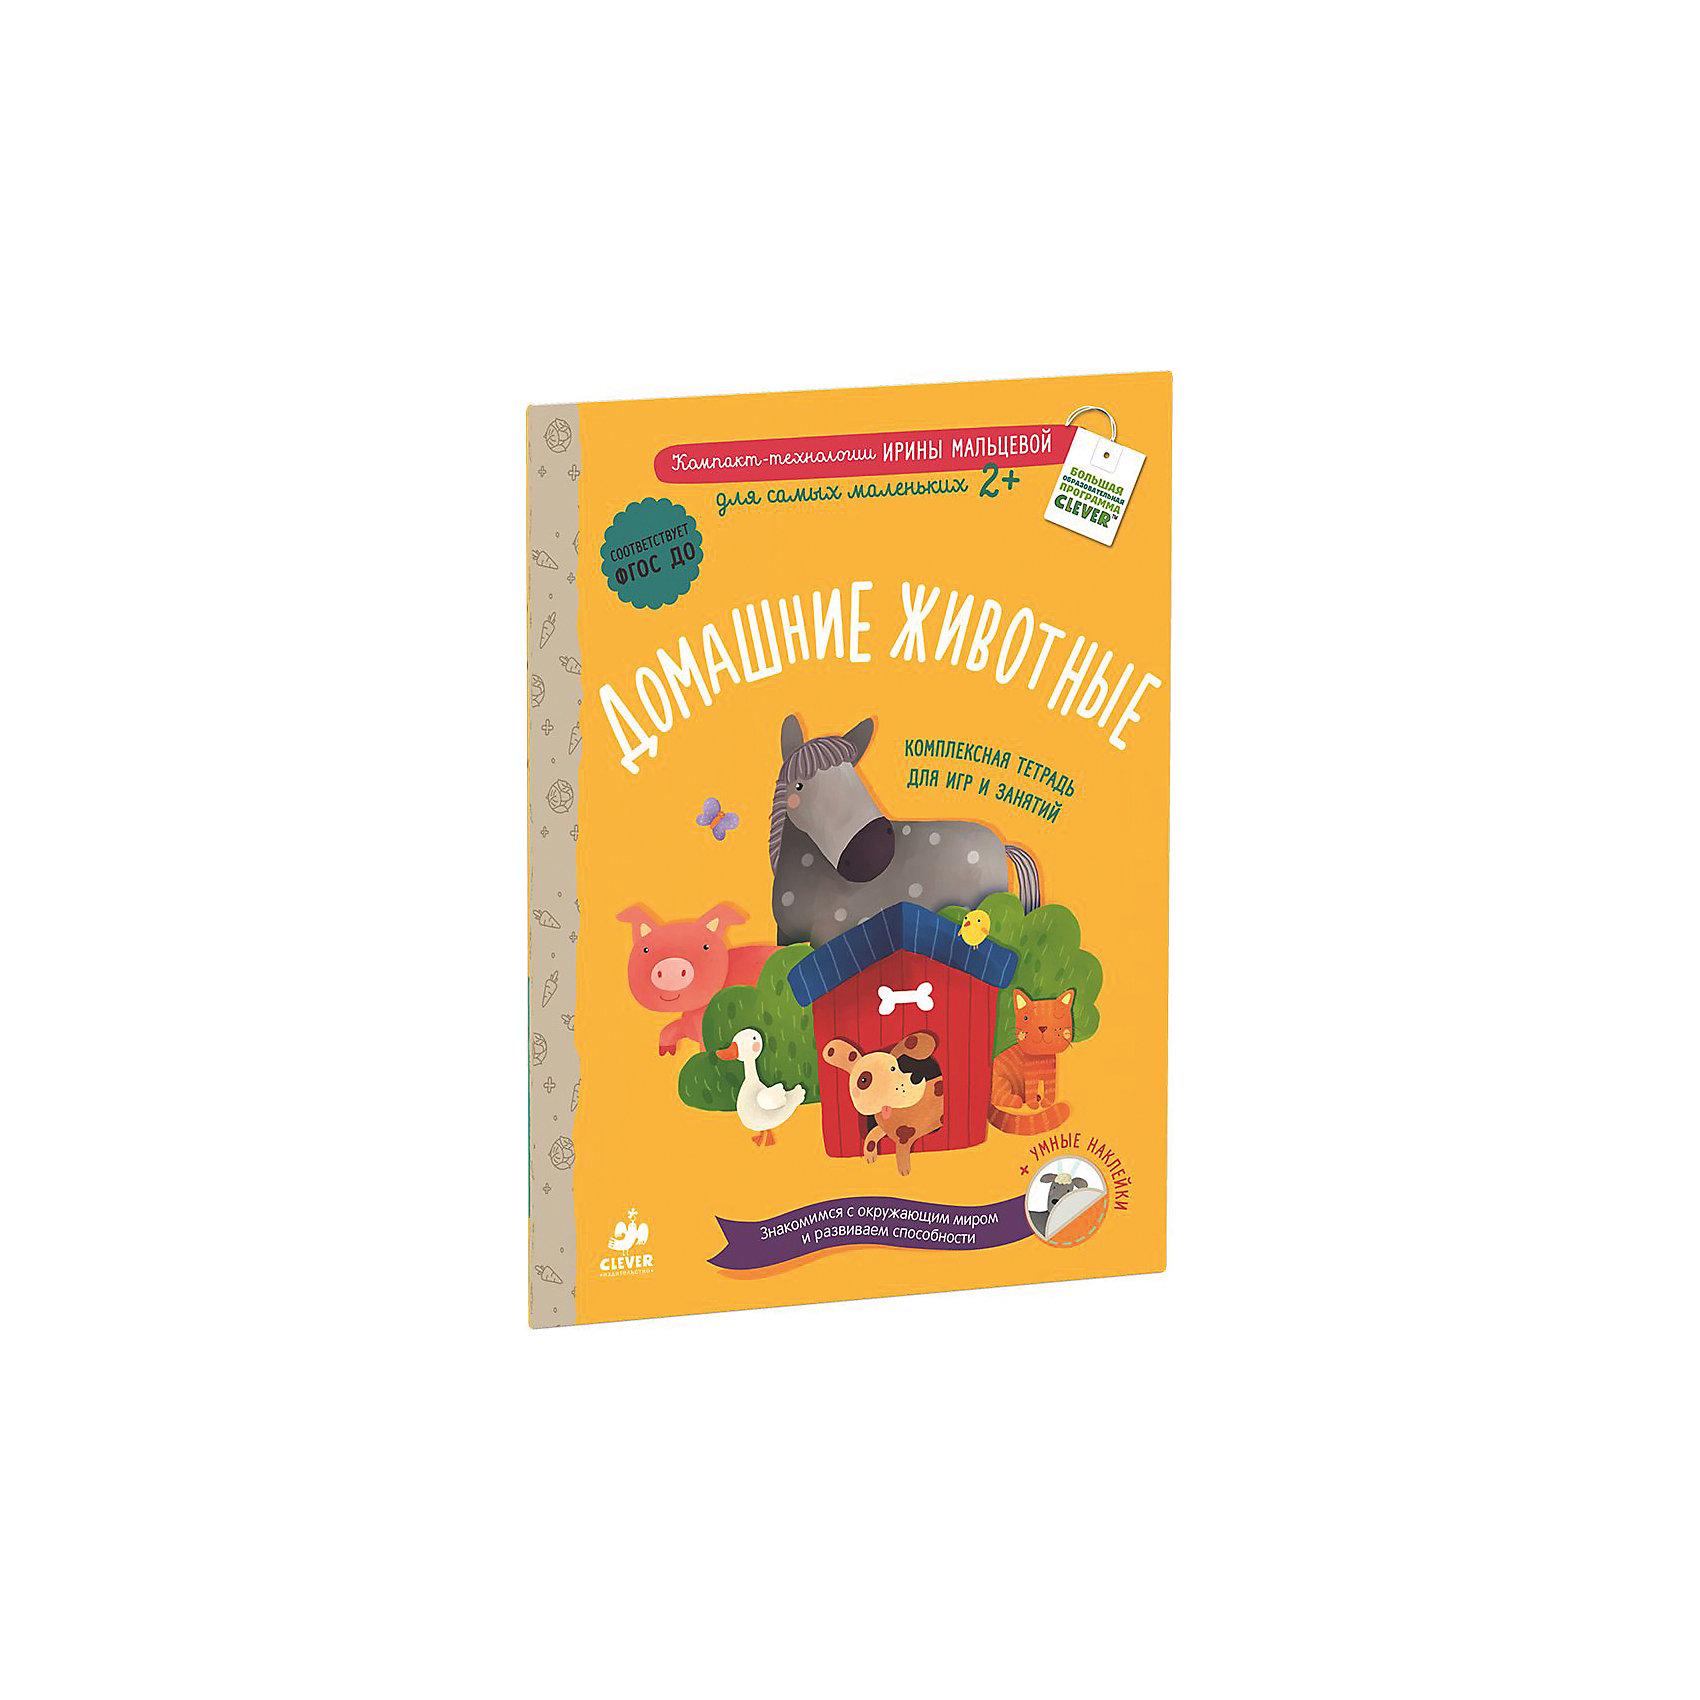 Тетрадь для игр и занятий Домашние животные, Мальцева И.Книги для развития мышления<br>Тетрадь для игр и занятий Домашние животные, Мальцева И. – это комплексная тетрадь игр и занятий для самых маленьких.<br>Тетрадь для игр и занятий Домашние животные - это настоящий развивающий мини-зоопарк. Яркие картинки, емкие комментарии, наклейки для решения логических задач и увлекательные задания помогут ребенку, научится считать, сравнивать, анализировать, обобщать, рассуждать и познакомят его с формами. А также разовьют внимание, смекалку, логическое мышление и мелкую моторику. Тетрадь для игр и занятий Домашние животные соответствует Федеральному государственному образовательному стандарту дошкольного образования.<br><br>Дополнительная информация:<br><br>- Автор: Мальцева Ирина Владимировна<br>- Художник: Сергеева Маша<br>- Редактор: Штерн Анна<br>- Издательство: Клевер Медиа Групп, 2016 г.<br>- Серия: Первое чтение: учимся быстро<br>- Тип обложки: мягкий переплет (крепление скрепкой или клеем)<br>- Оформление: с наклейками<br>- Иллюстрации: цветные<br>- Количество страниц: 32 (офсет)<br>- Размер: 290x220x2 мм.<br>- Вес: 124 гр.<br><br>Тетрадь для игр и занятий Домашние животные, Мальцева И. можно купить в нашем интернет-магазине.<br><br>Ширина мм: 290<br>Глубина мм: 220<br>Высота мм: 8<br>Вес г: 210<br>Возраст от месяцев: 48<br>Возраст до месяцев: 72<br>Пол: Унисекс<br>Возраст: Детский<br>SKU: 4554201